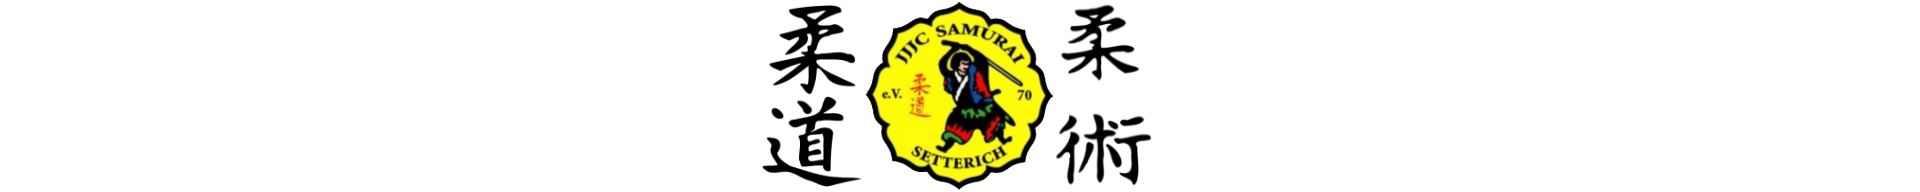 JJJC Samurai Setterich e.V.